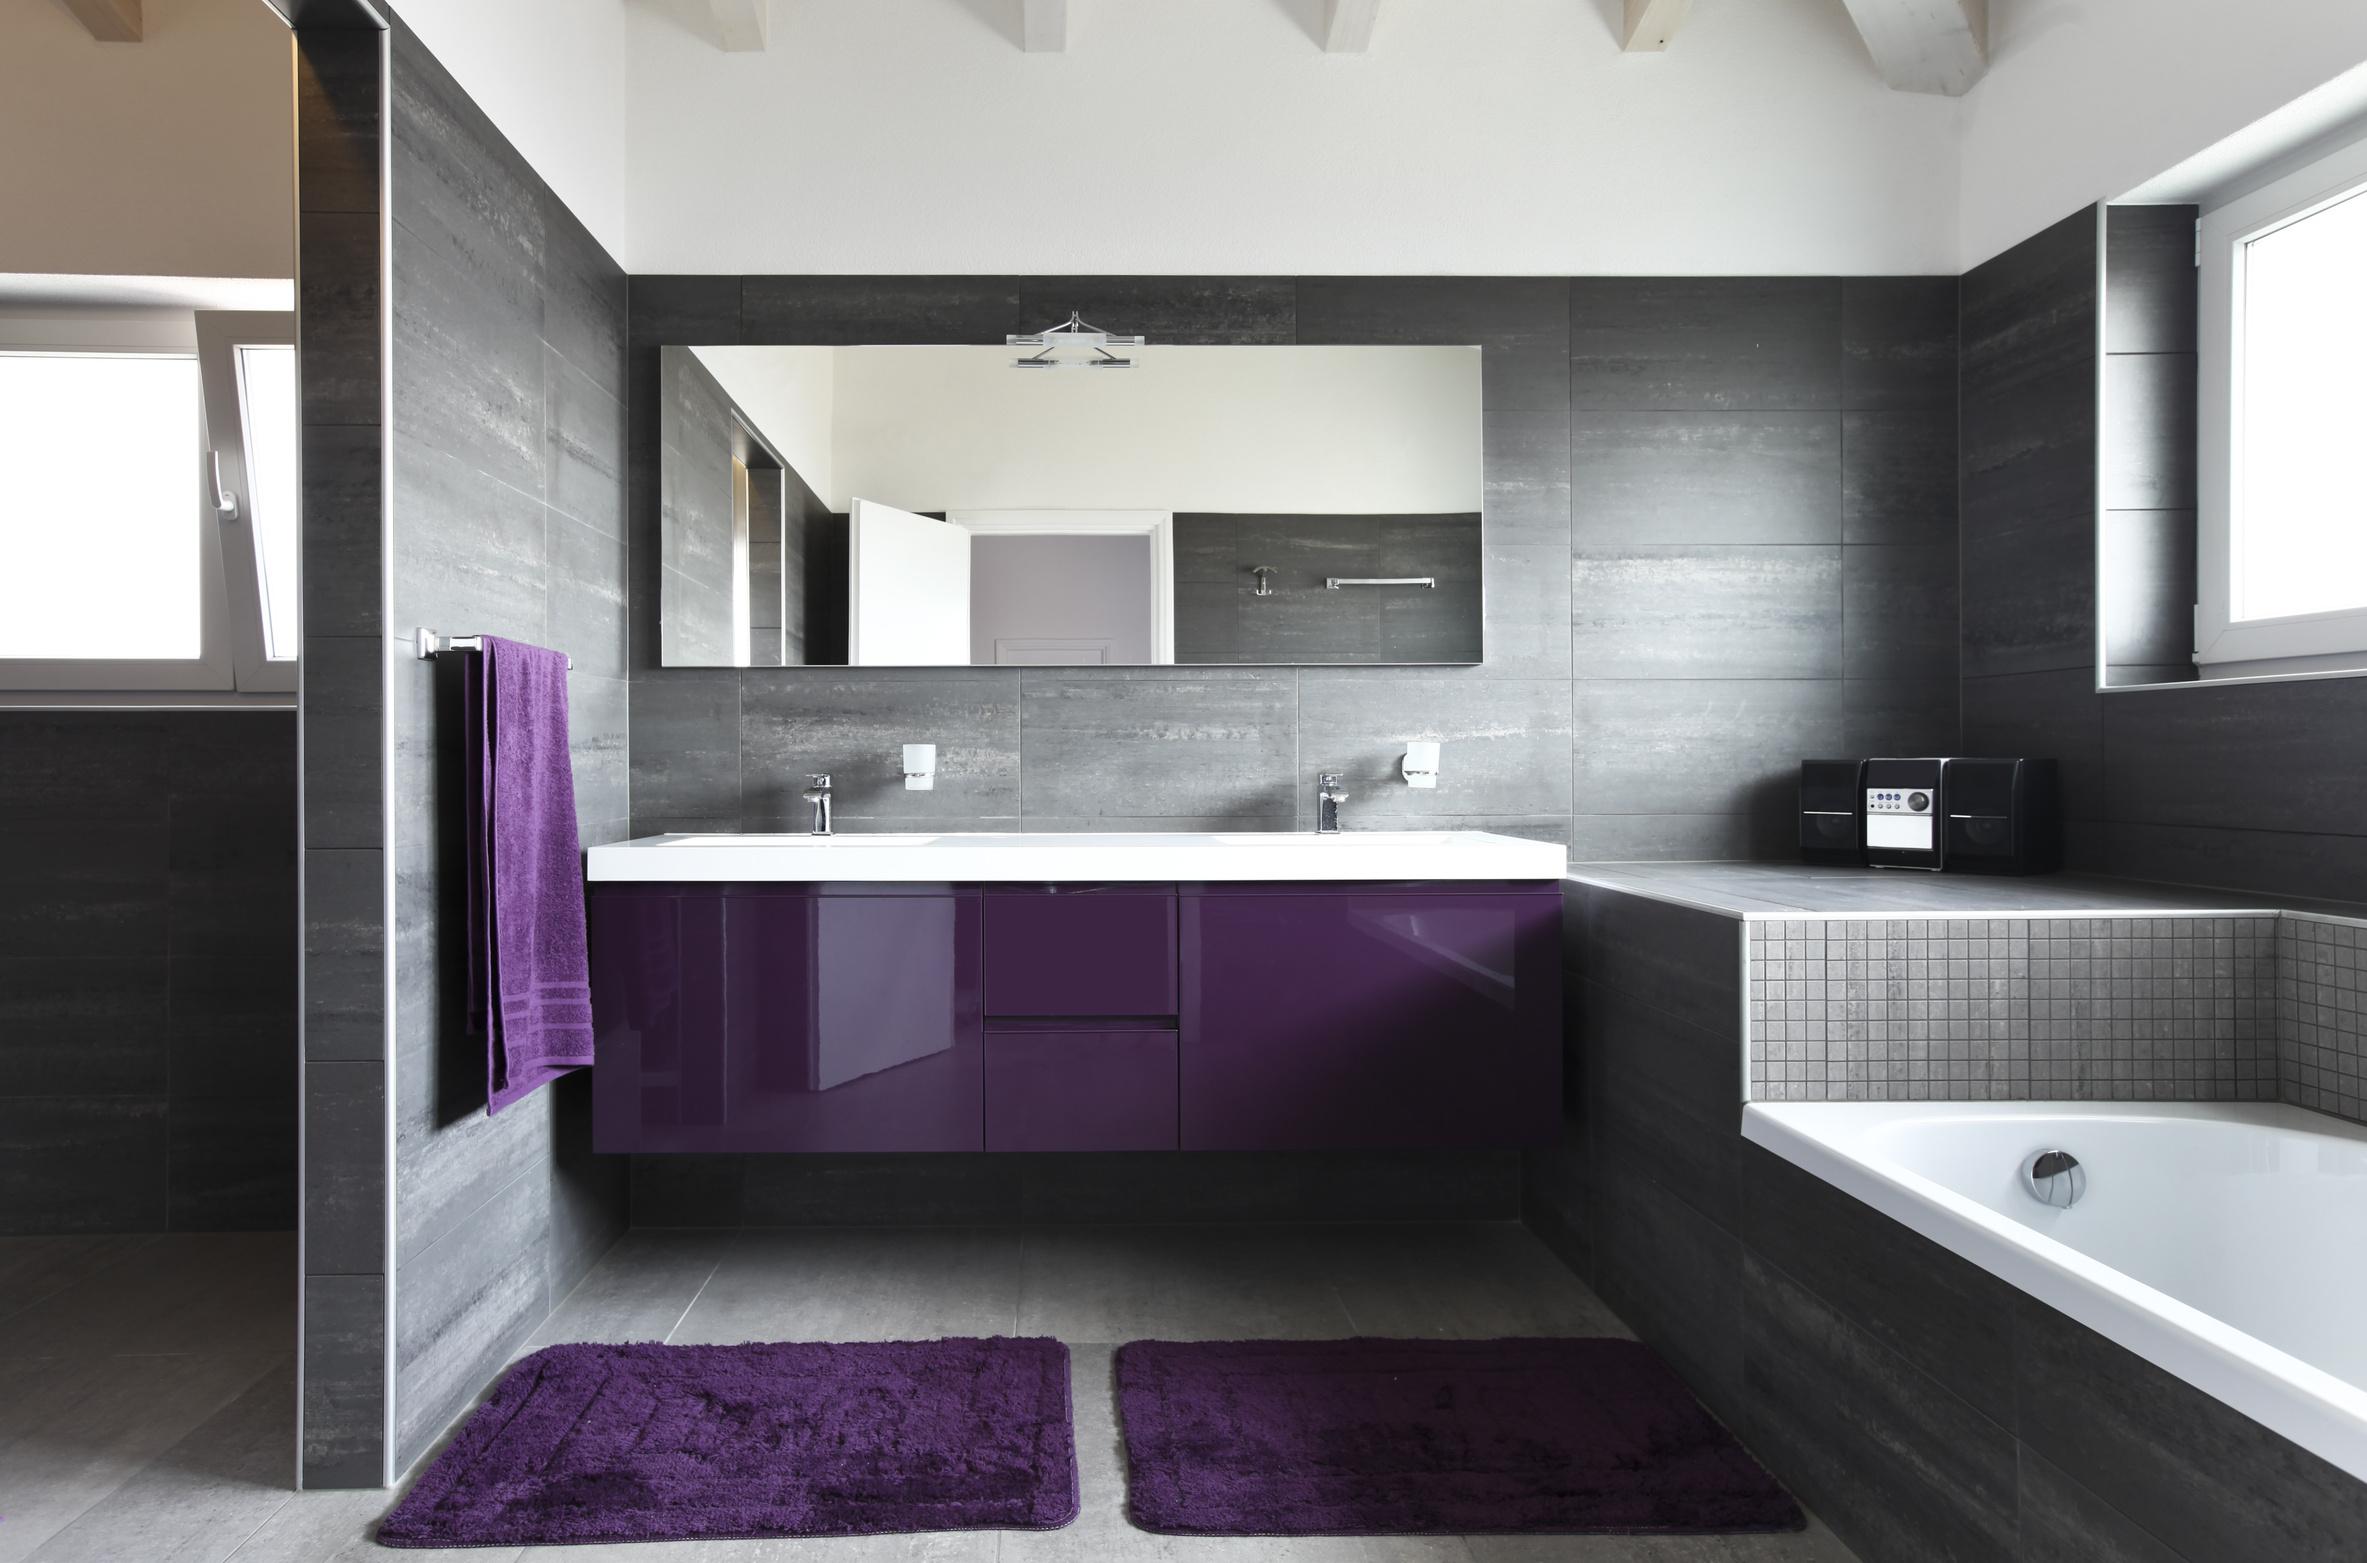 Comment réussir la rénovation de sa salle de bains?